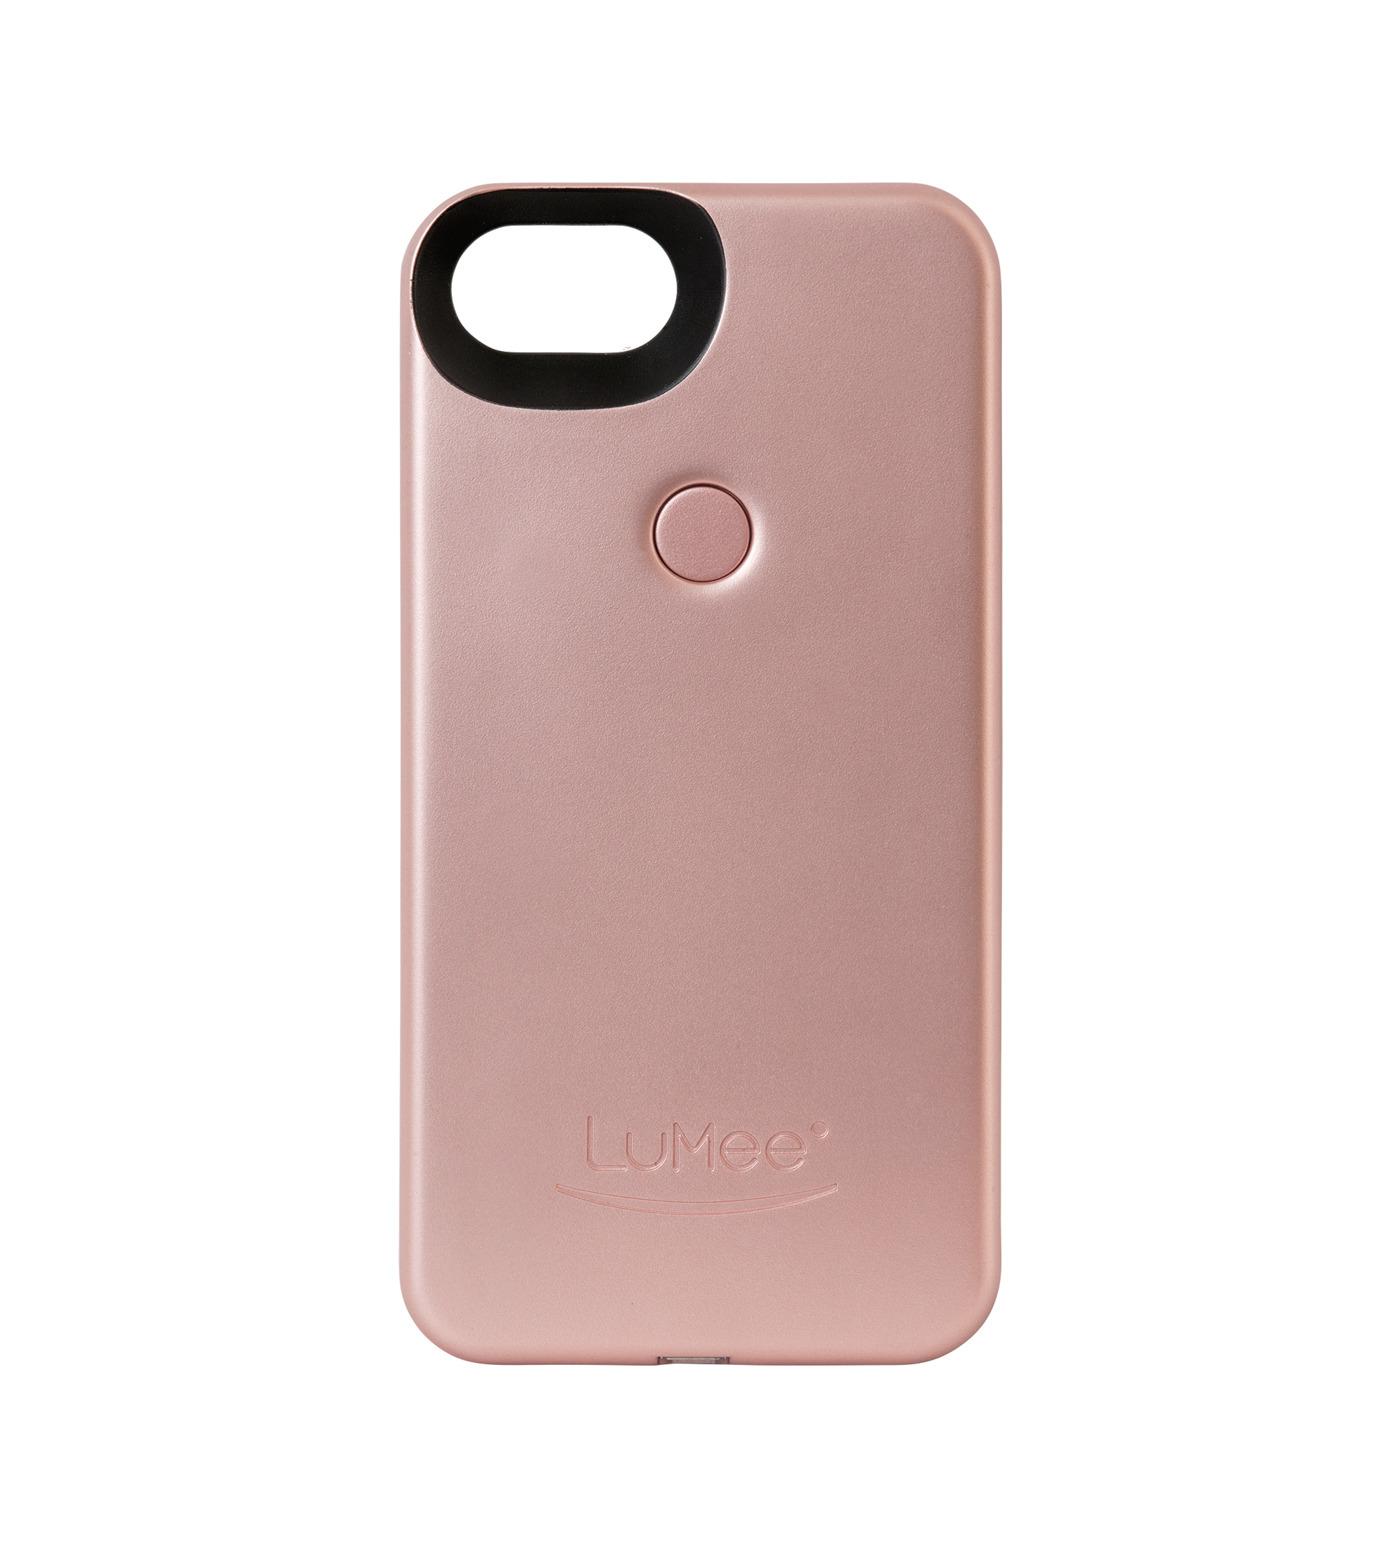 LuMee(ルーミー)のLuMee two iPhone 6/6s/7 -Rose Matte-ROSE(ケースiphone7/7plus/case iphone7/7plus)-L2-IP7-ROSEM-75 拡大詳細画像1